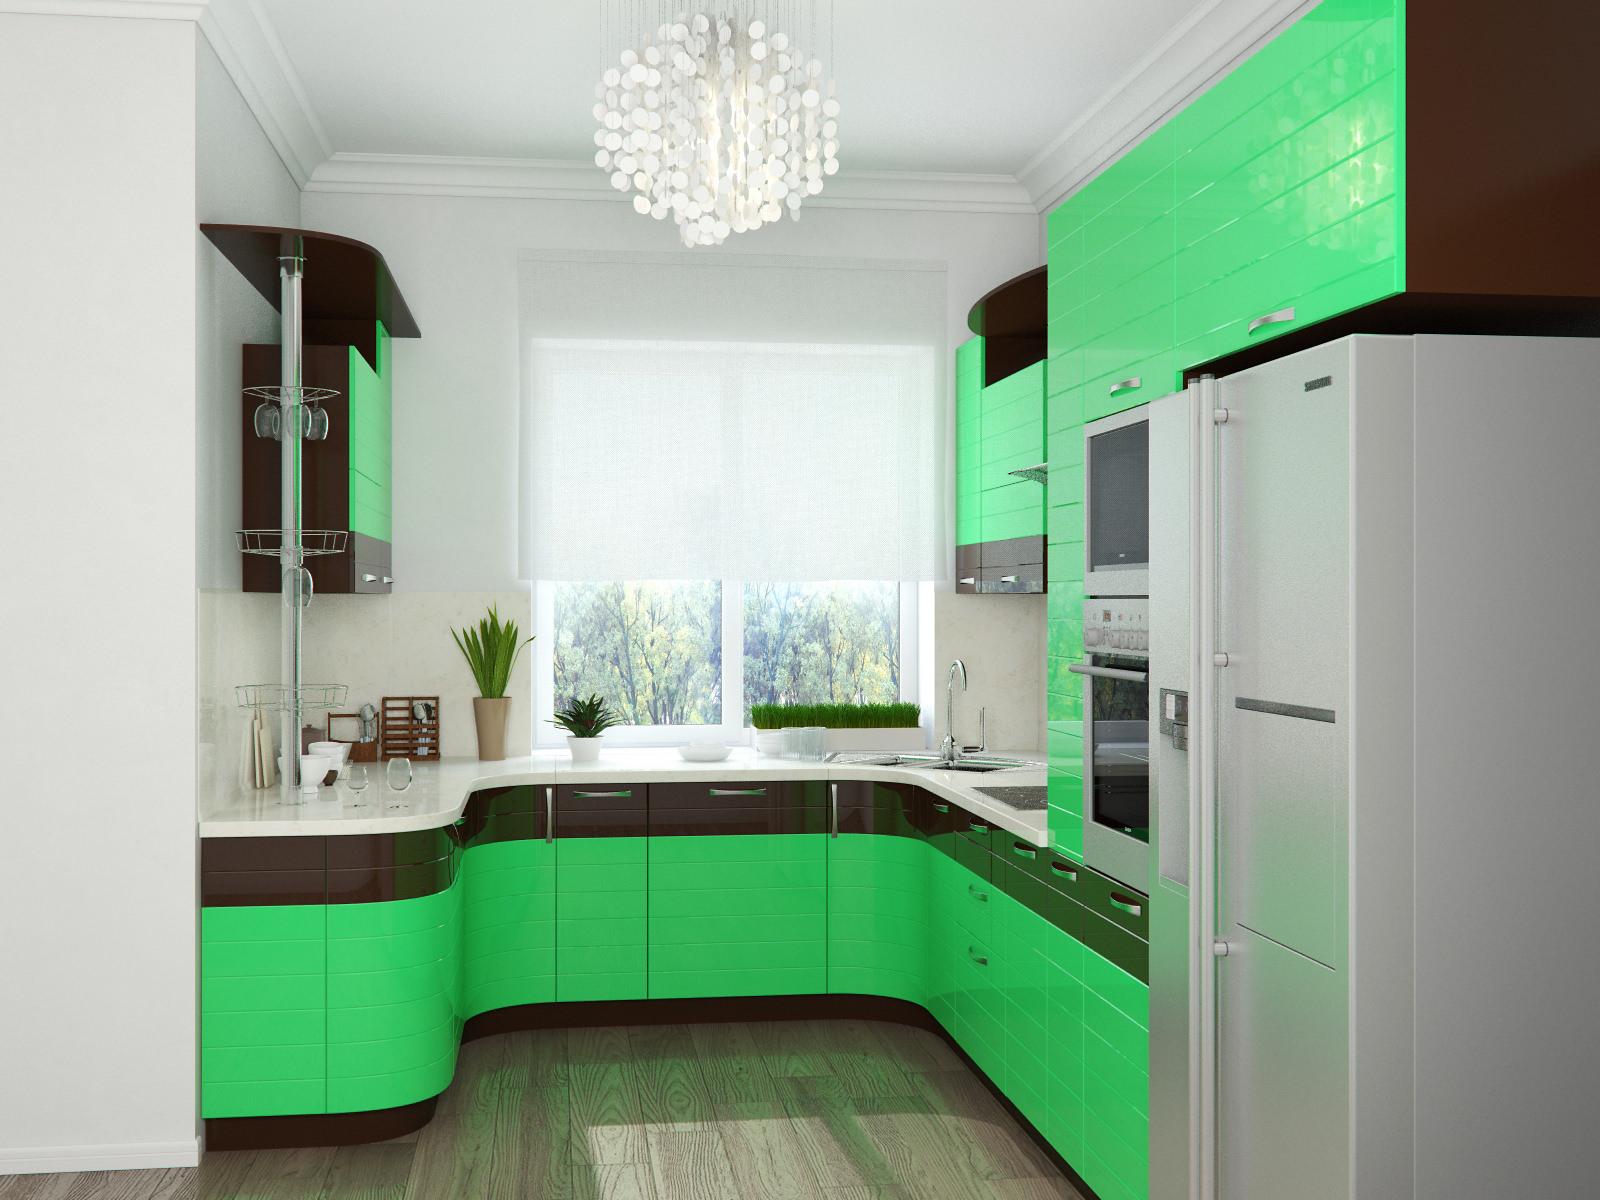 п-образная, зеленая,с барной стойкой